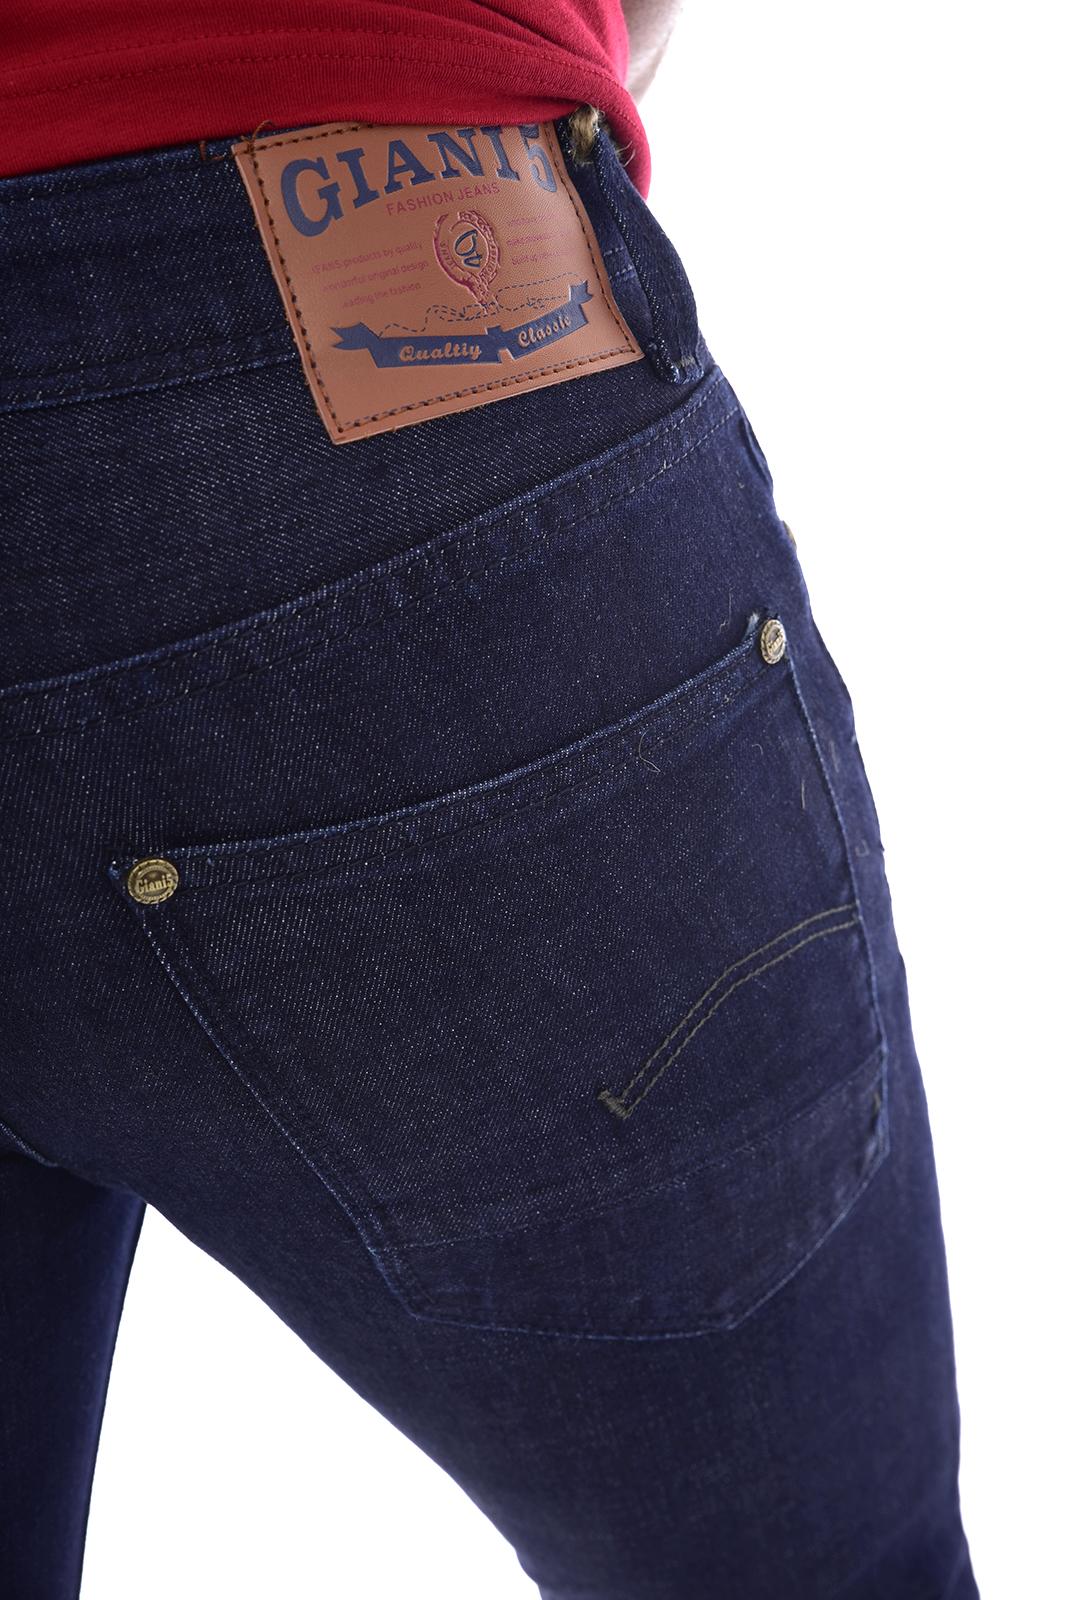 Jeans  Giani 5 G07 BLEU